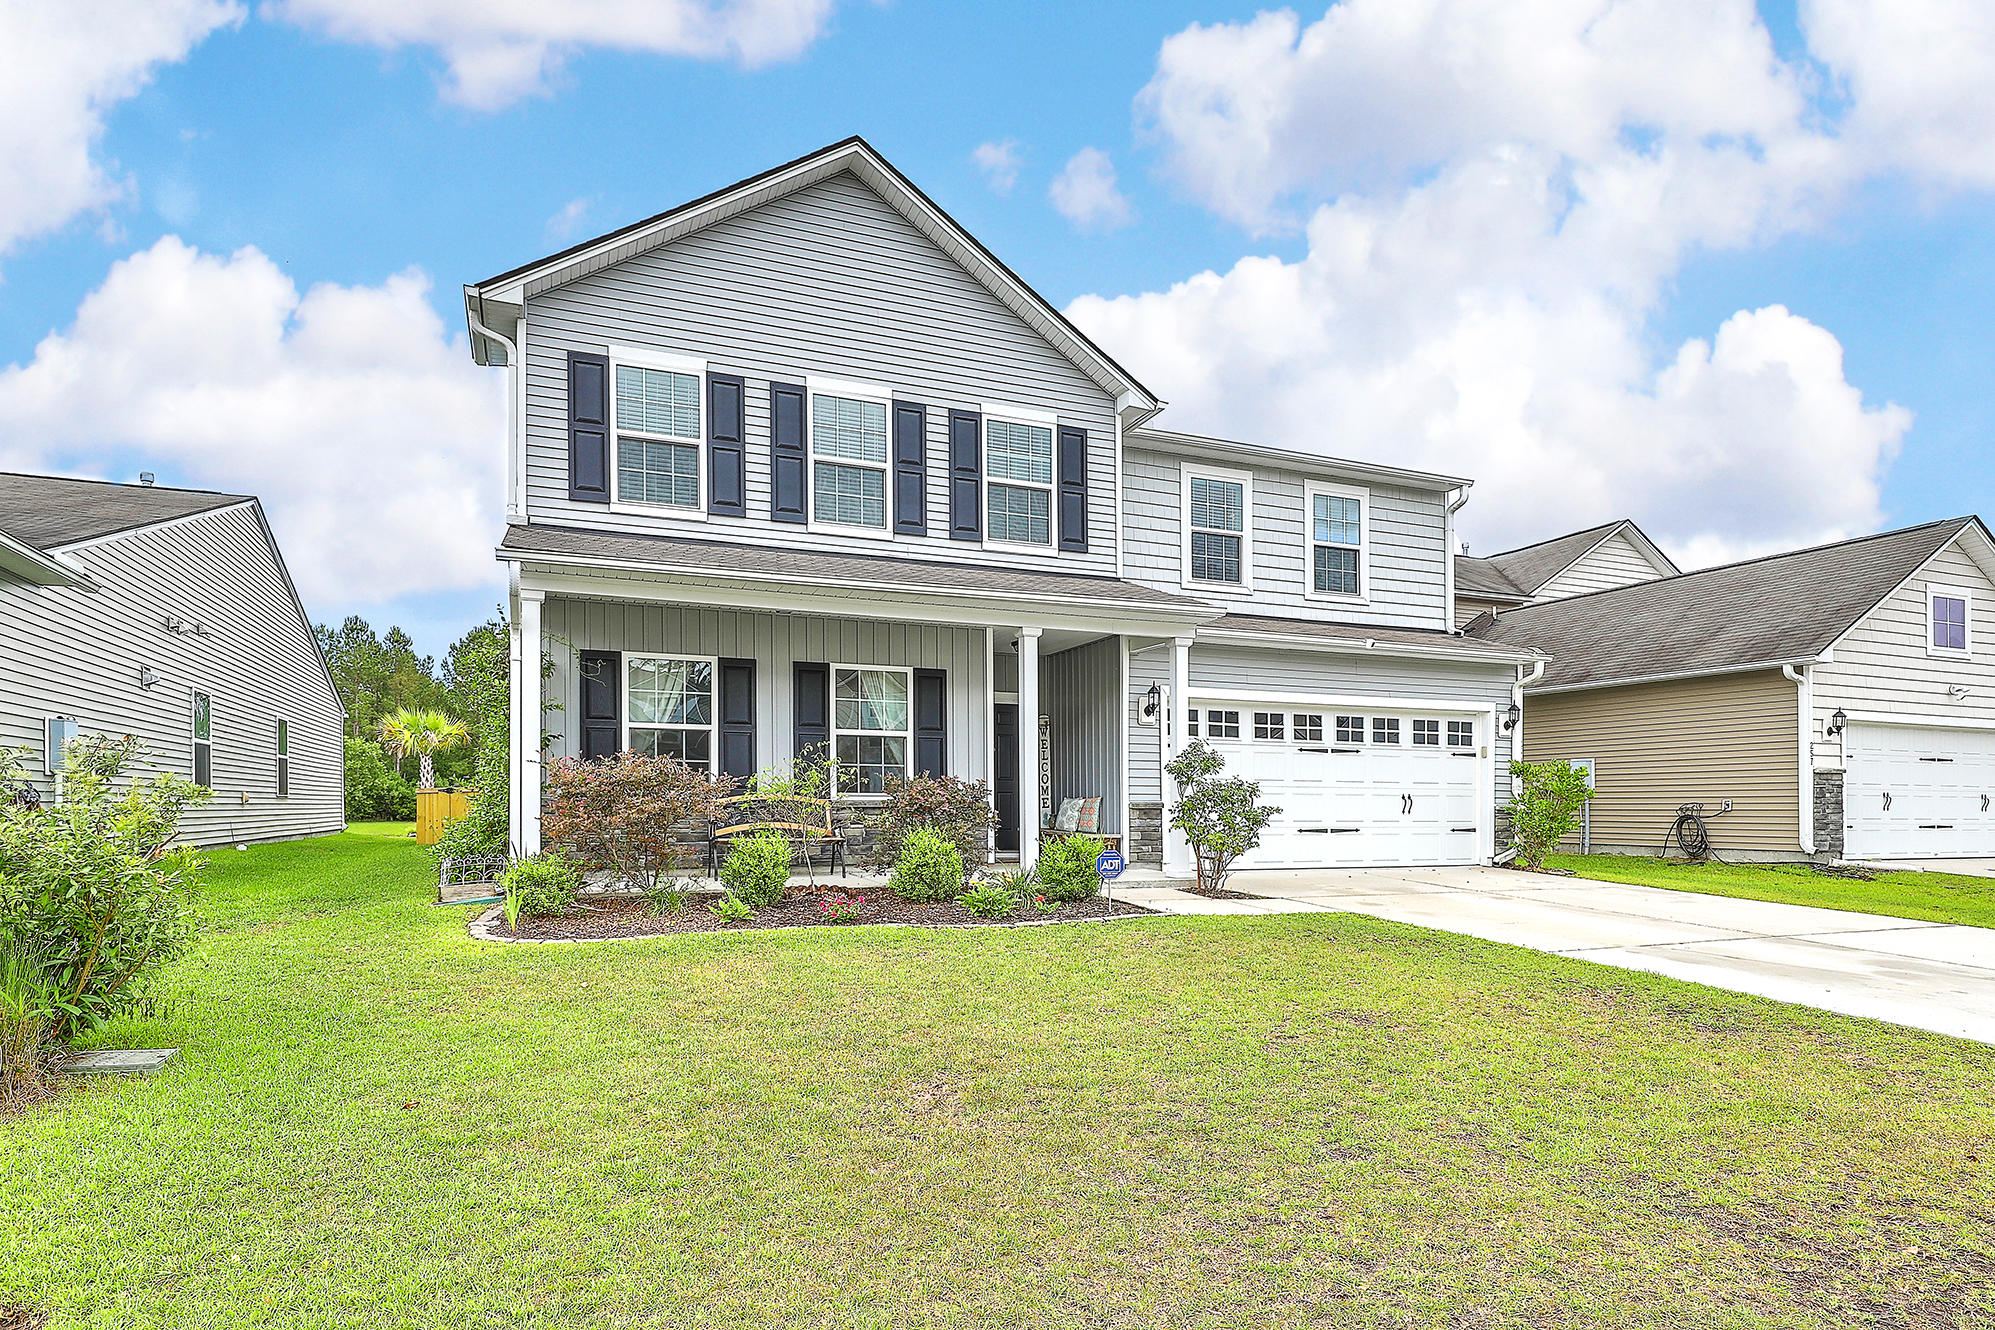 259 Decatur Drive Summerville, SC 29486